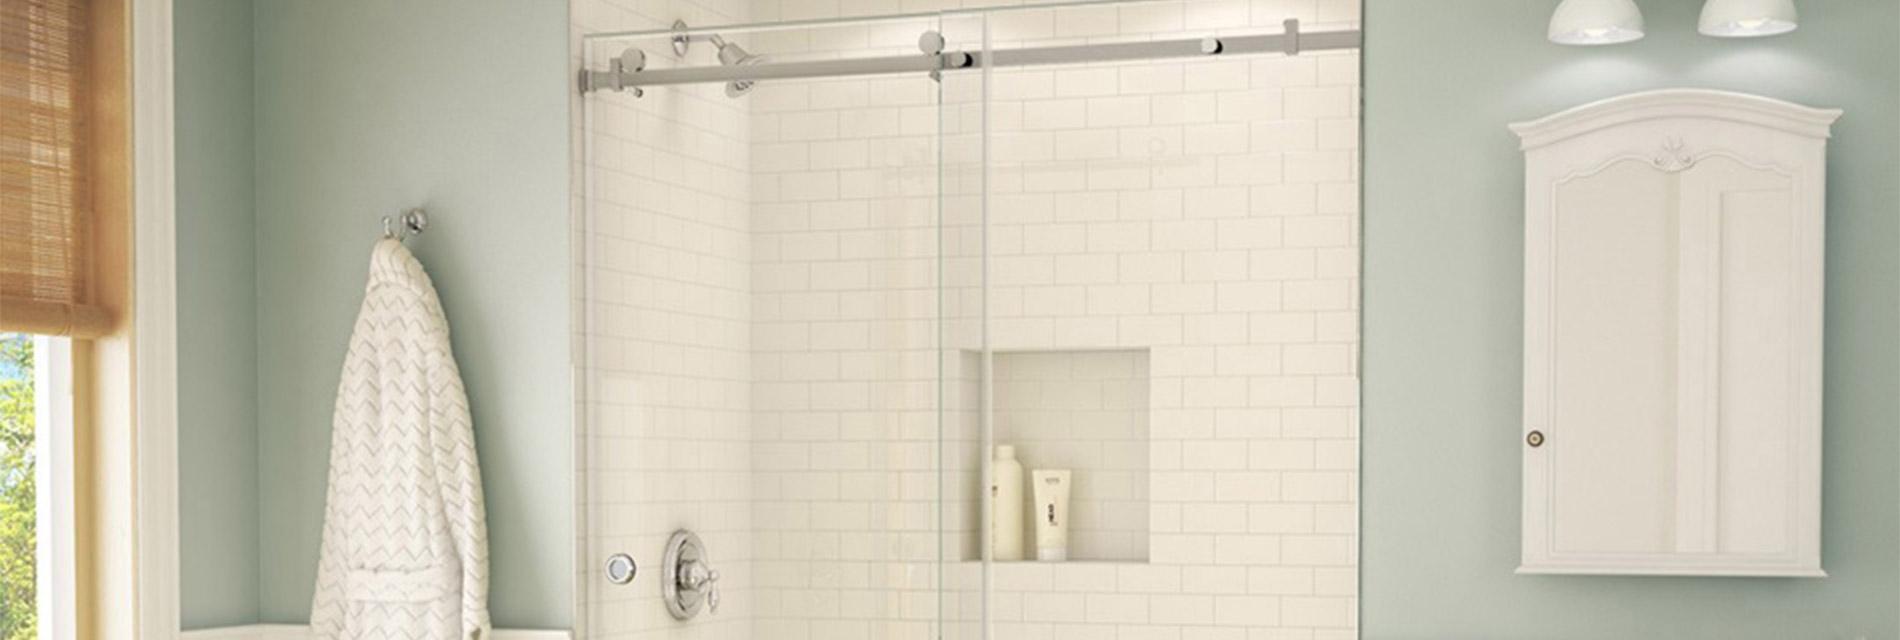 Wisconsin Shower Door